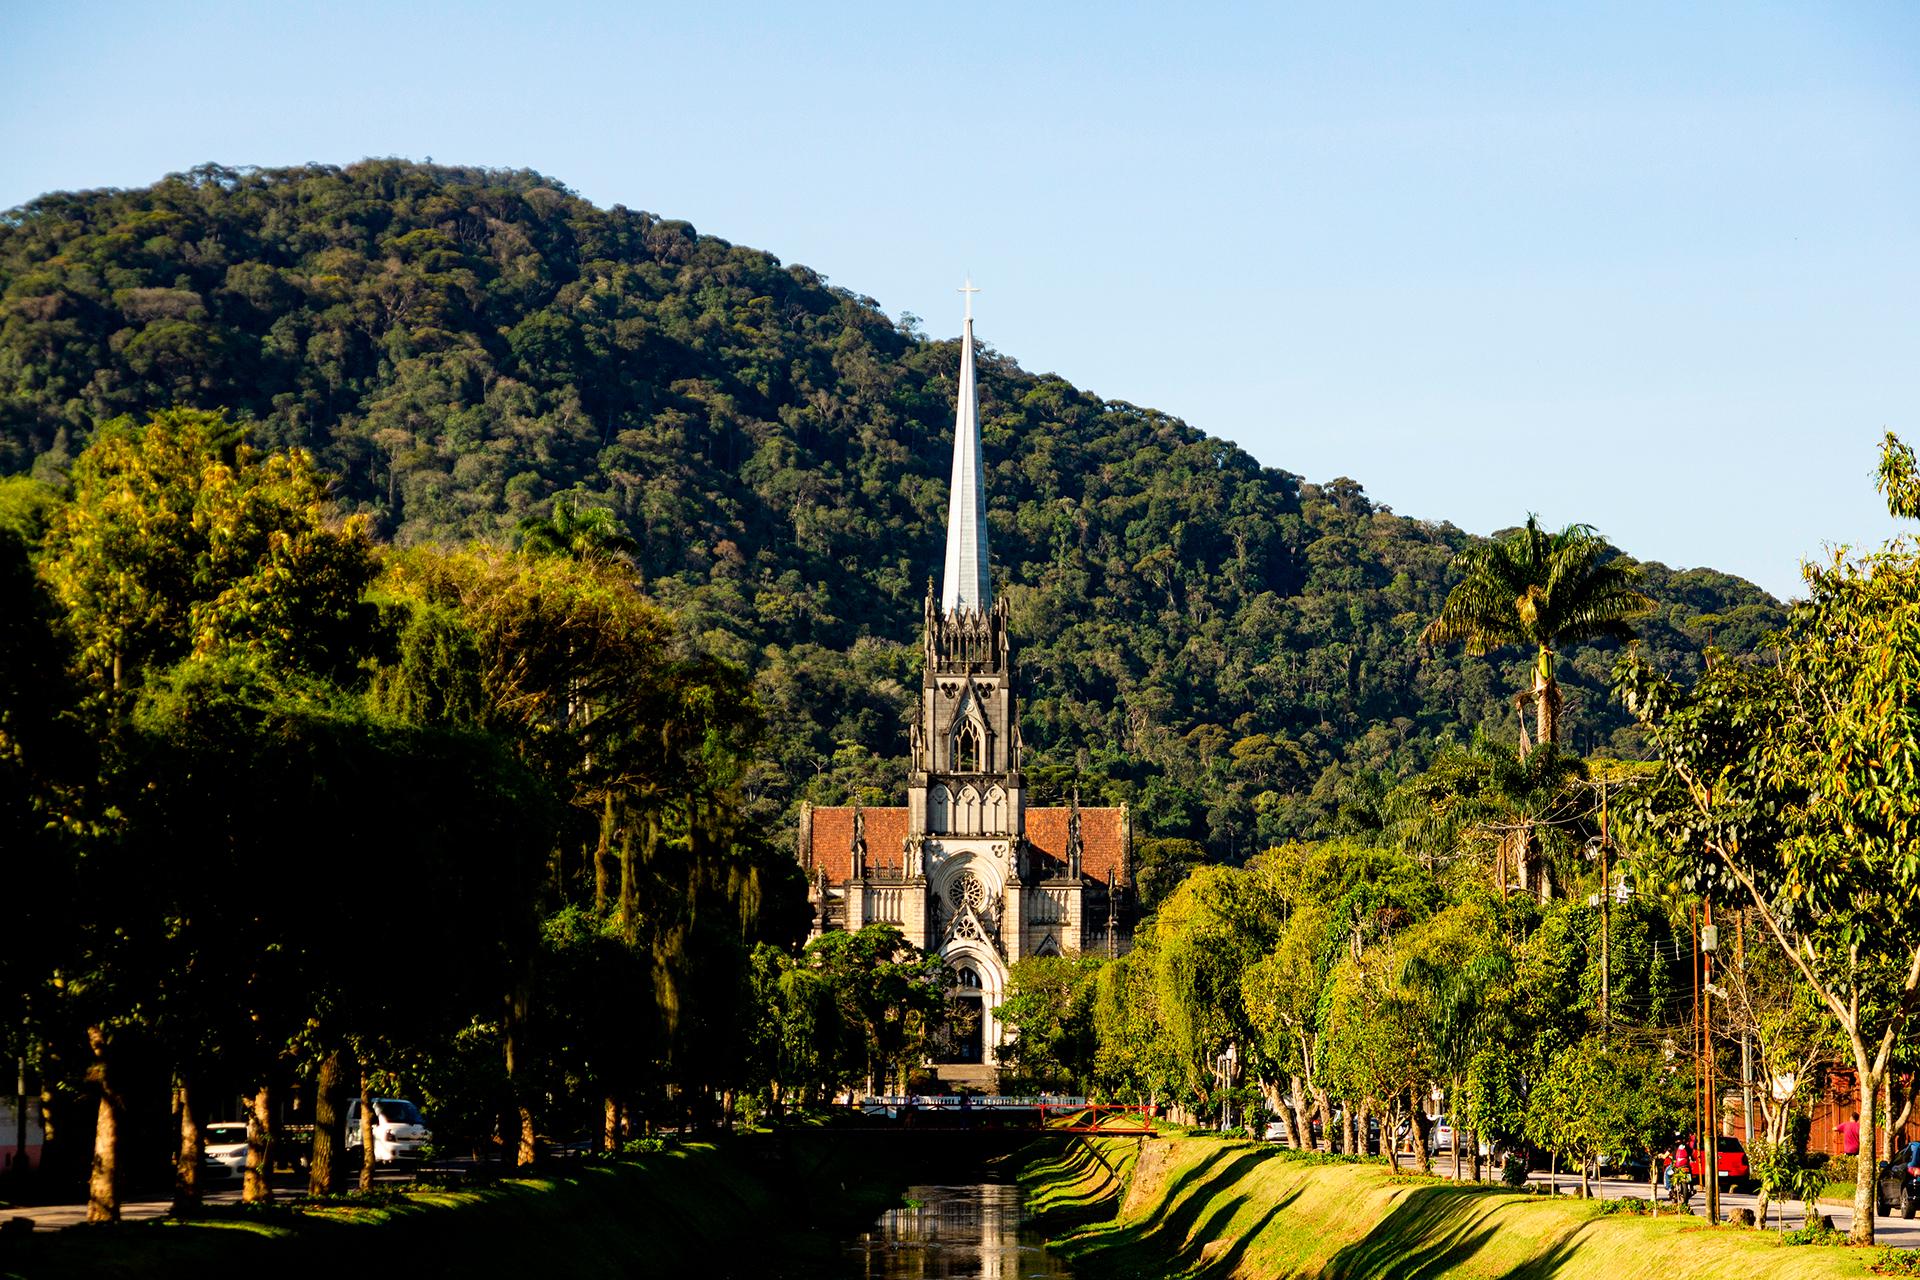 A 68 km de la ciudad de Río de Janeiro, en la parte alta de la Sierra da Estrela, es uno de los refugios preferidos de los cariocas (como se les llama a los que nacen en la ciudad de Río). El Museo Imperial, la catedral gótica y el Palacio de Cristal son algunos de los puntos imprescindibles para visitar